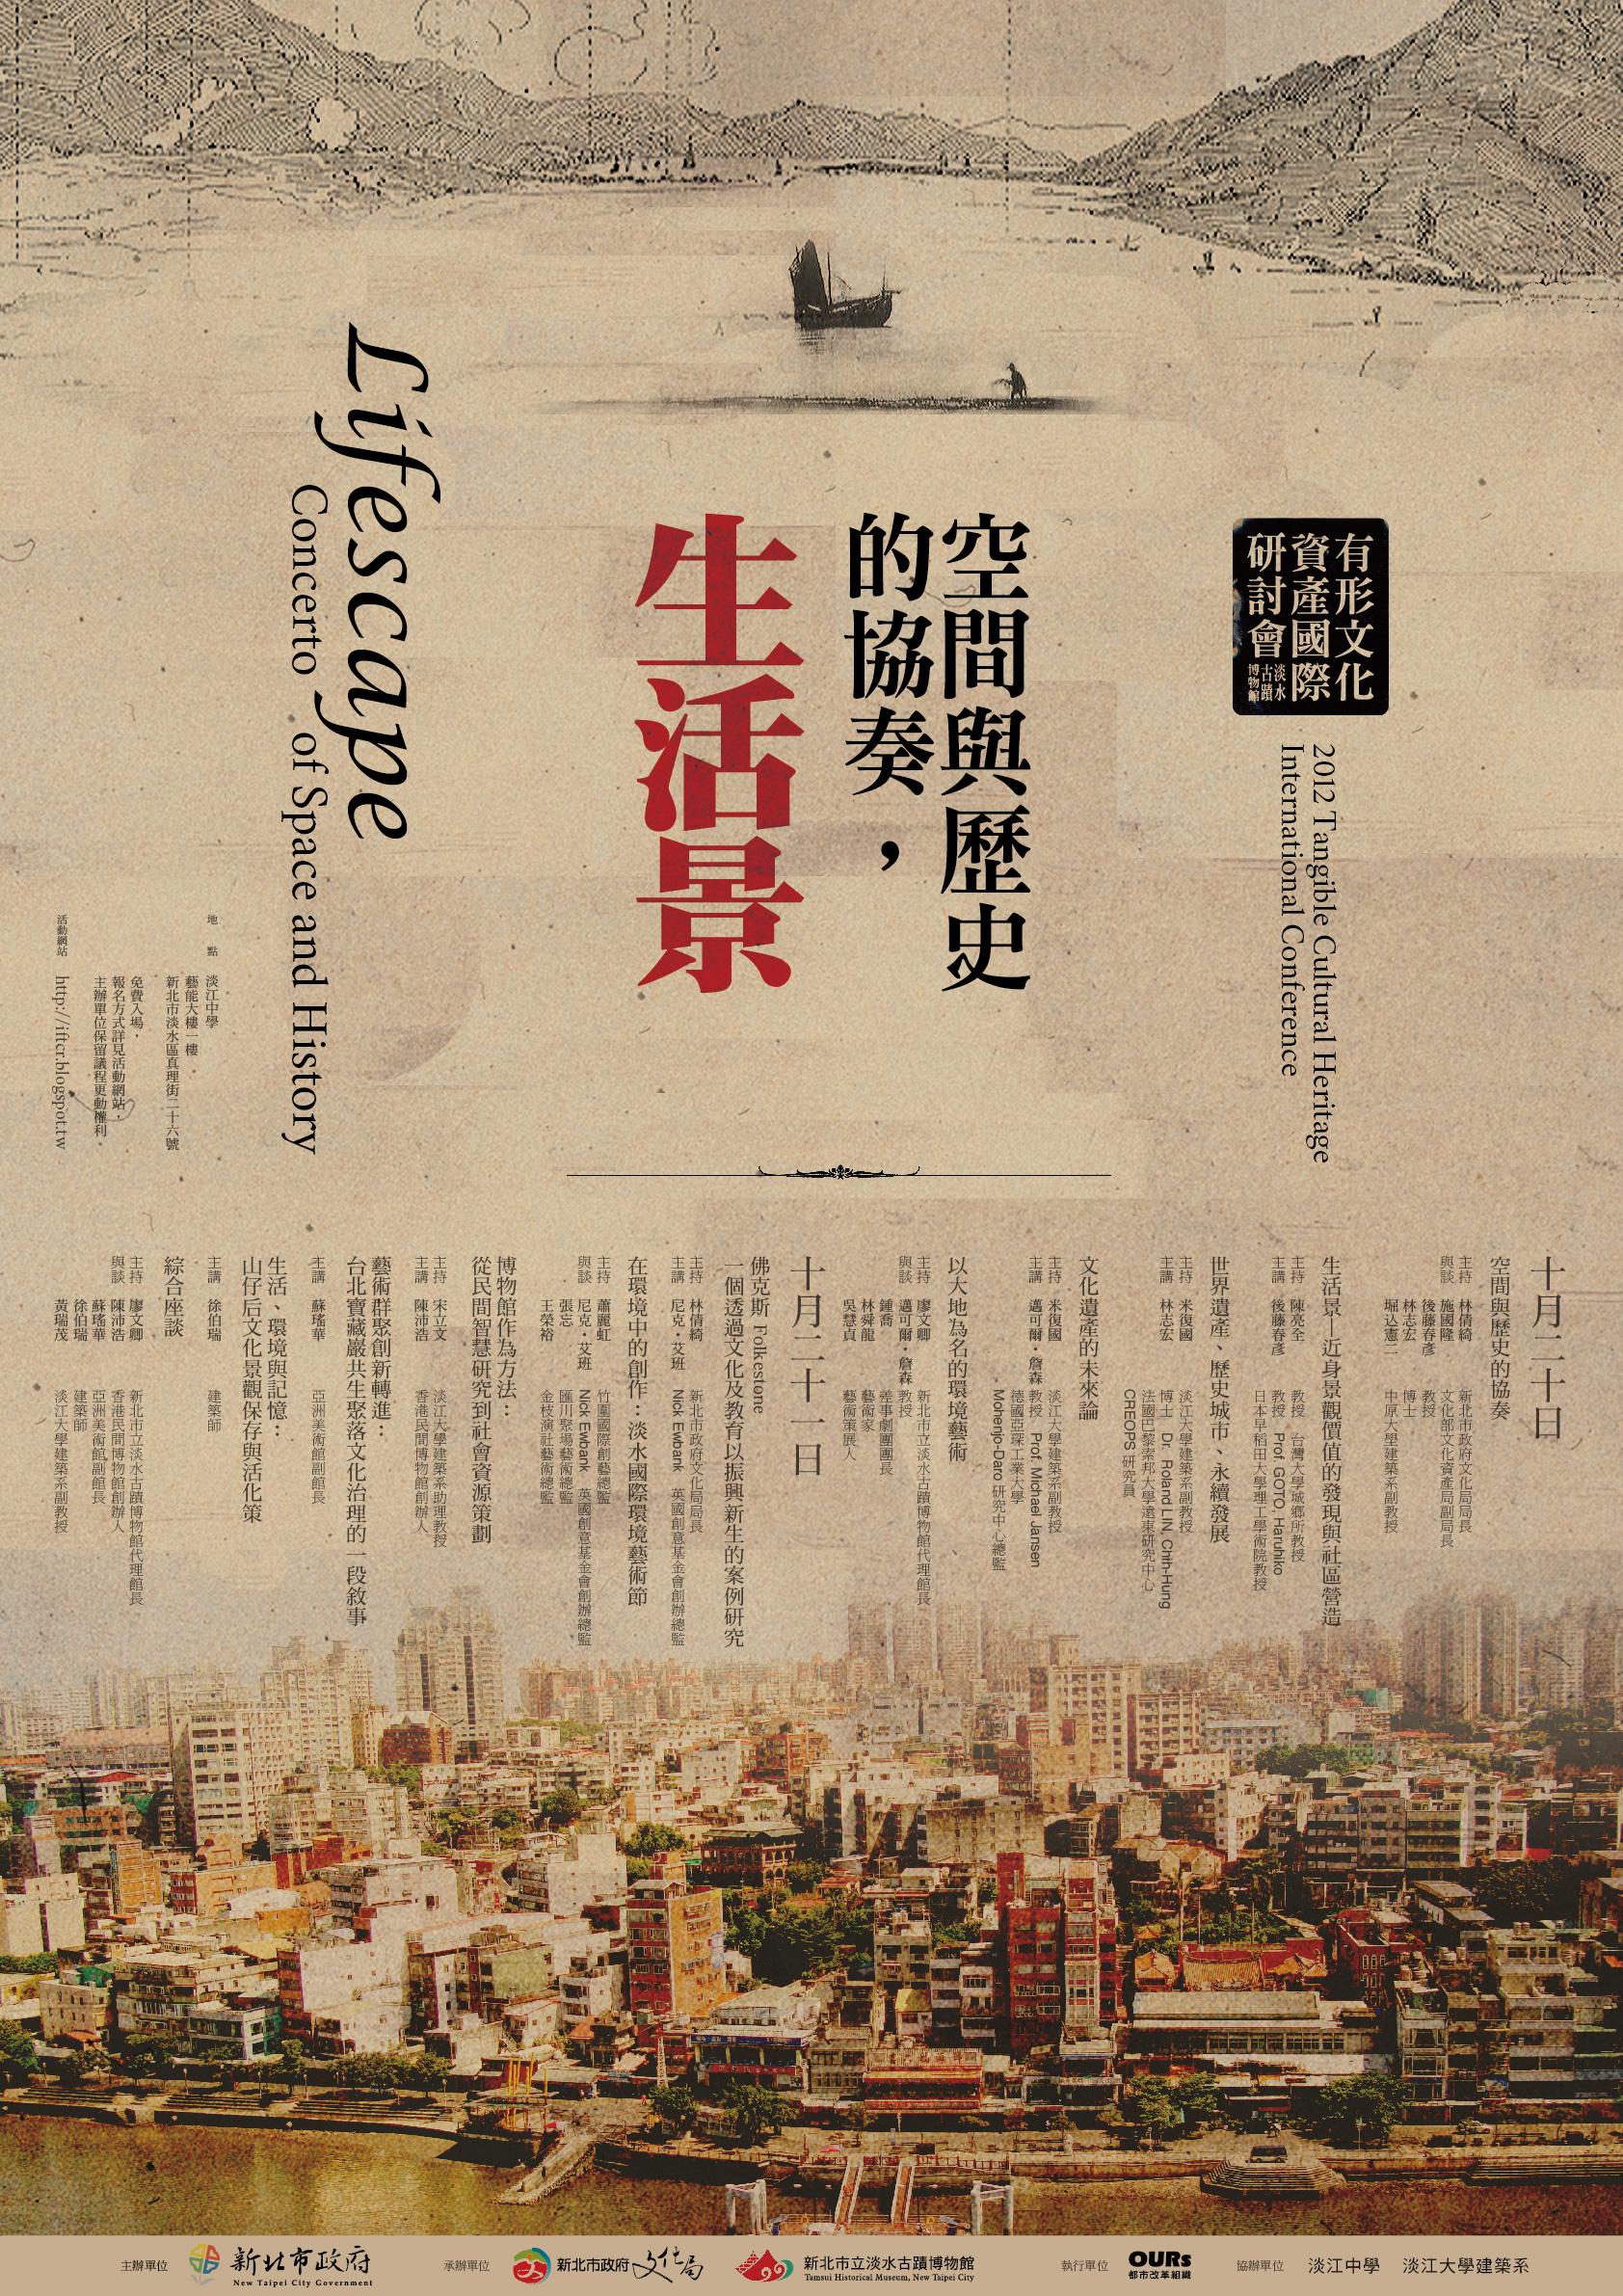 生活景空間與歷史的協奏宣傳海報